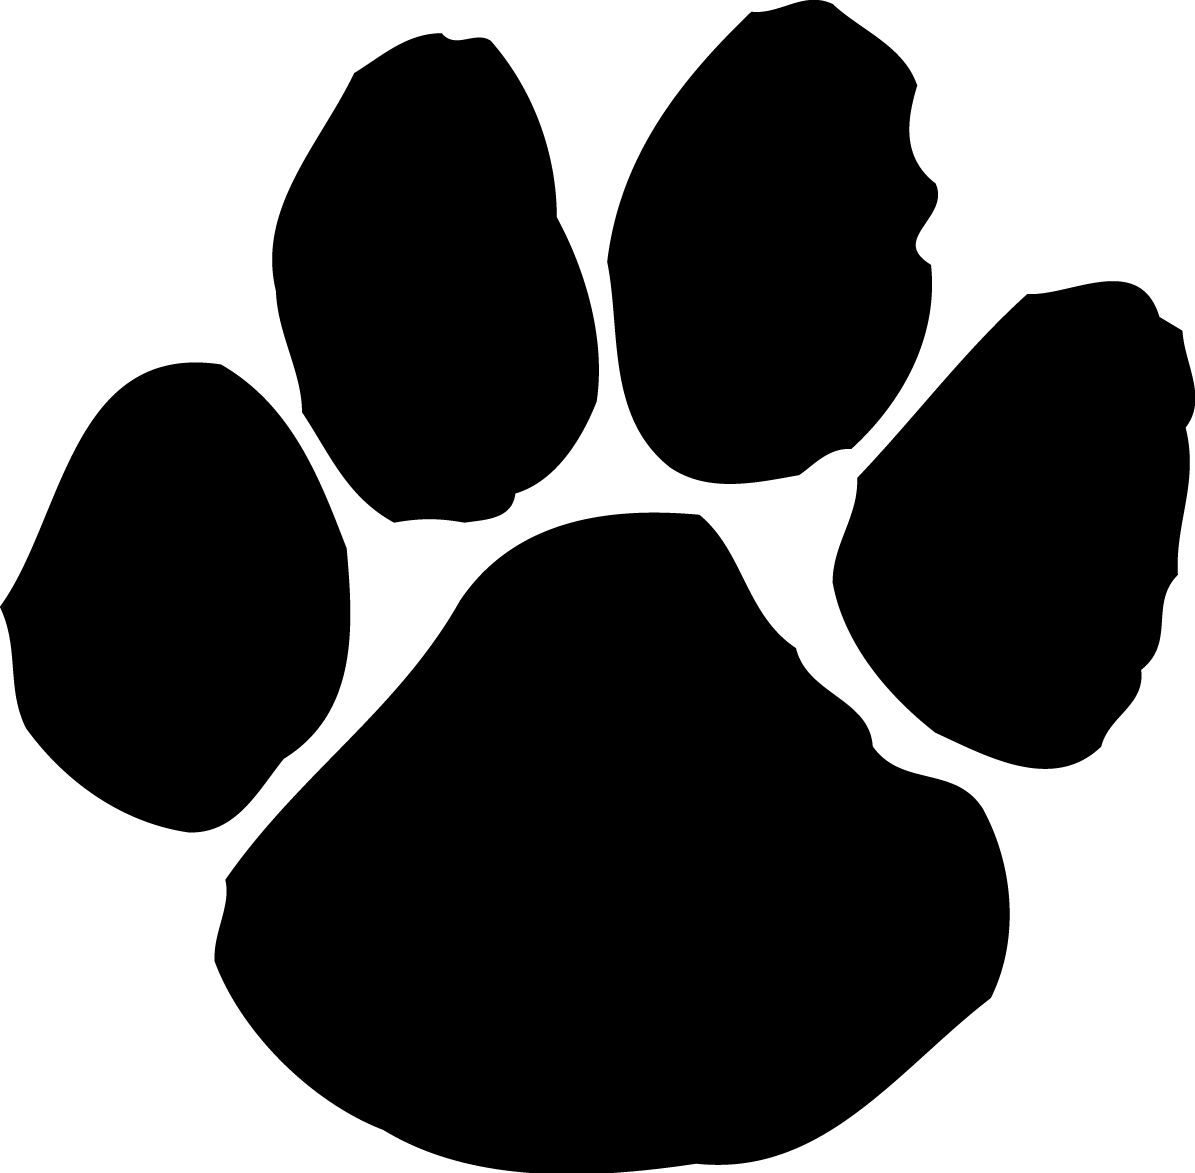 Cute dog paw print. Pawprint clipart